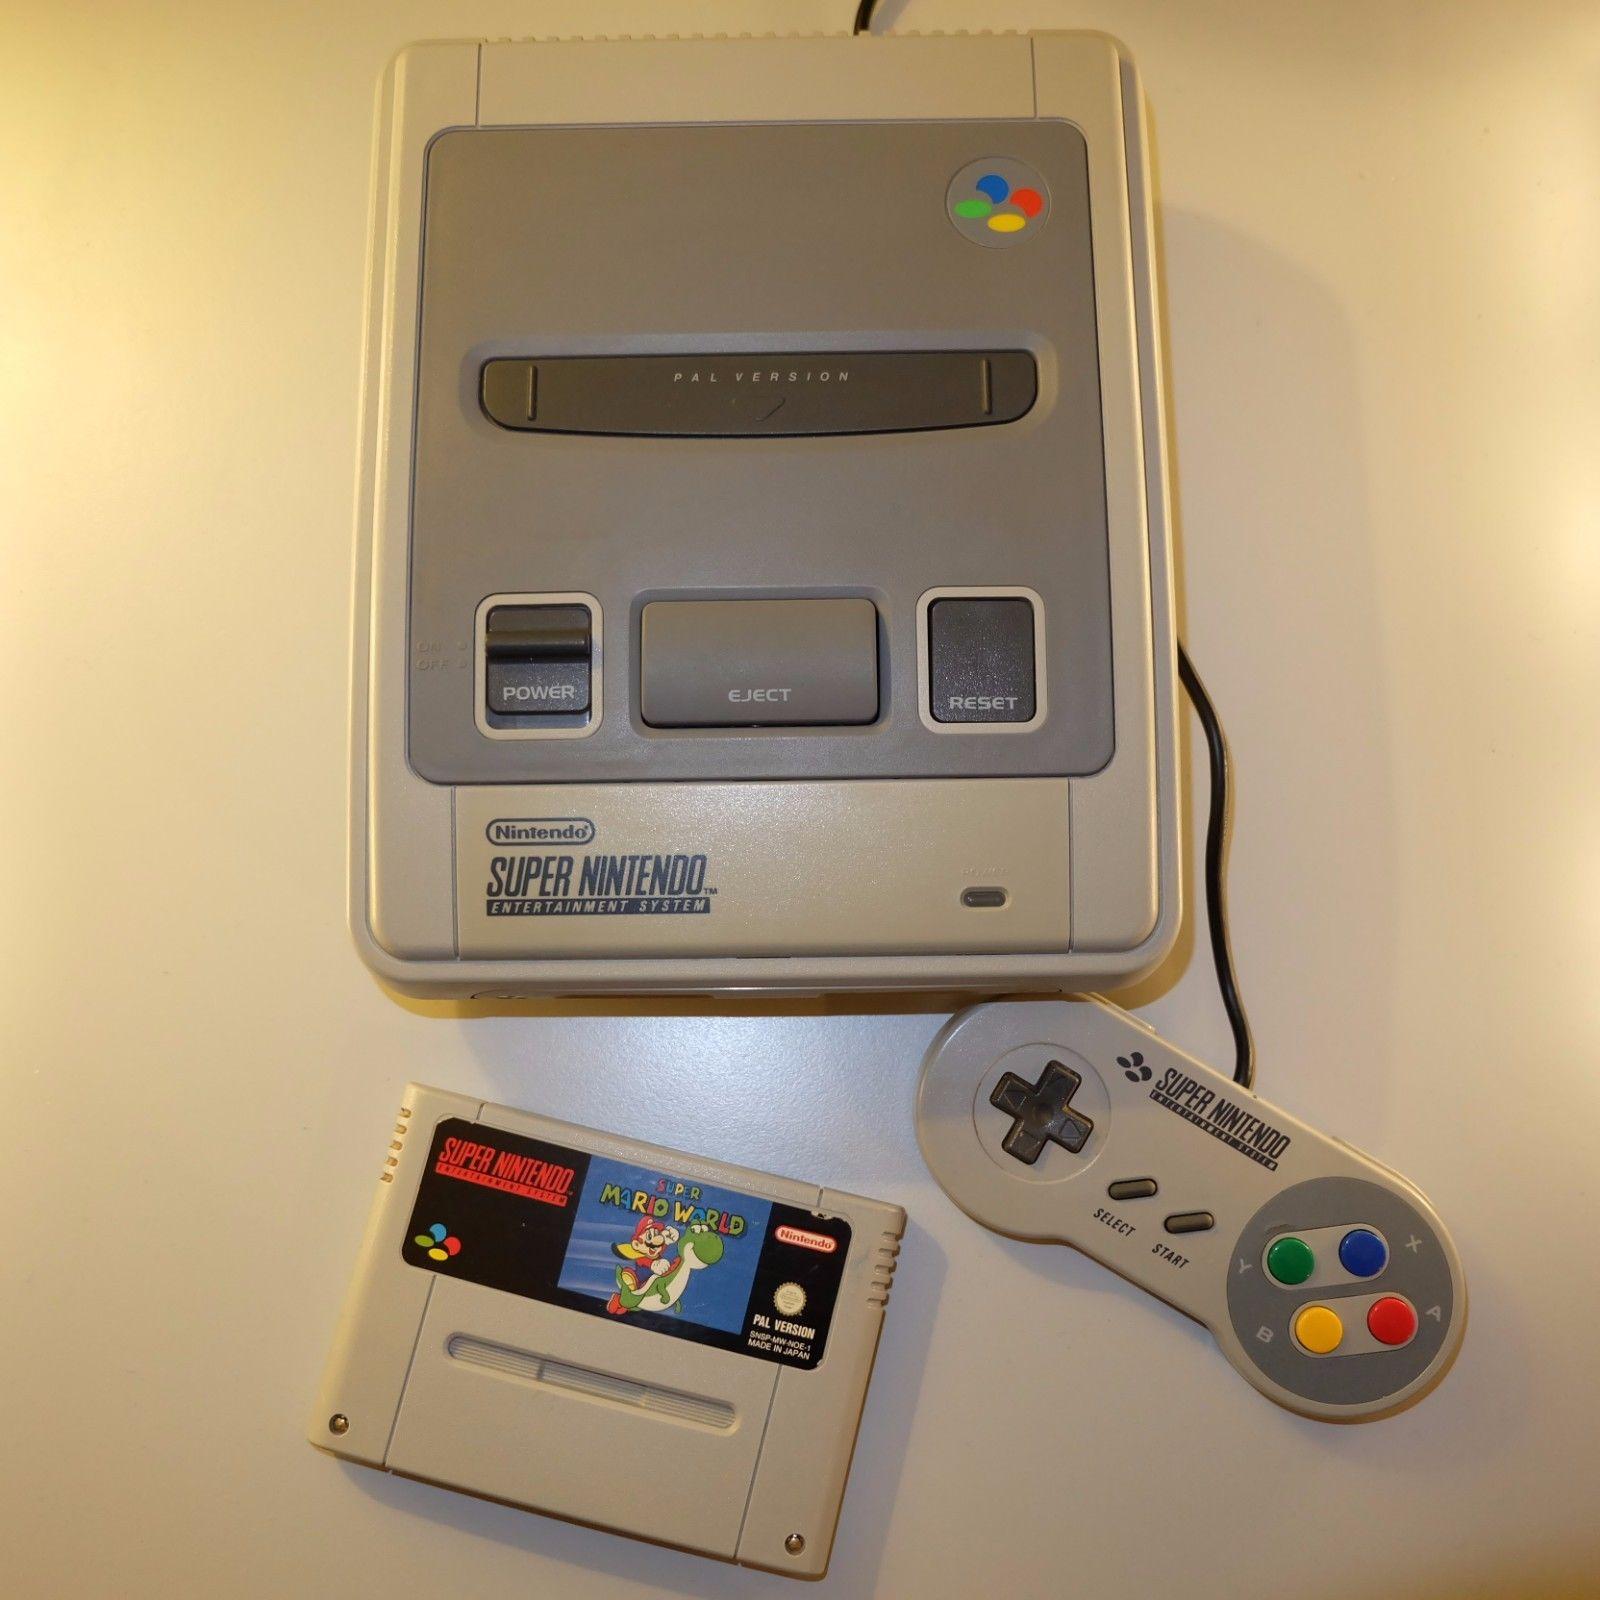 Super Nintendo Konsole mit Super Mario World Spiel SNES Konsole